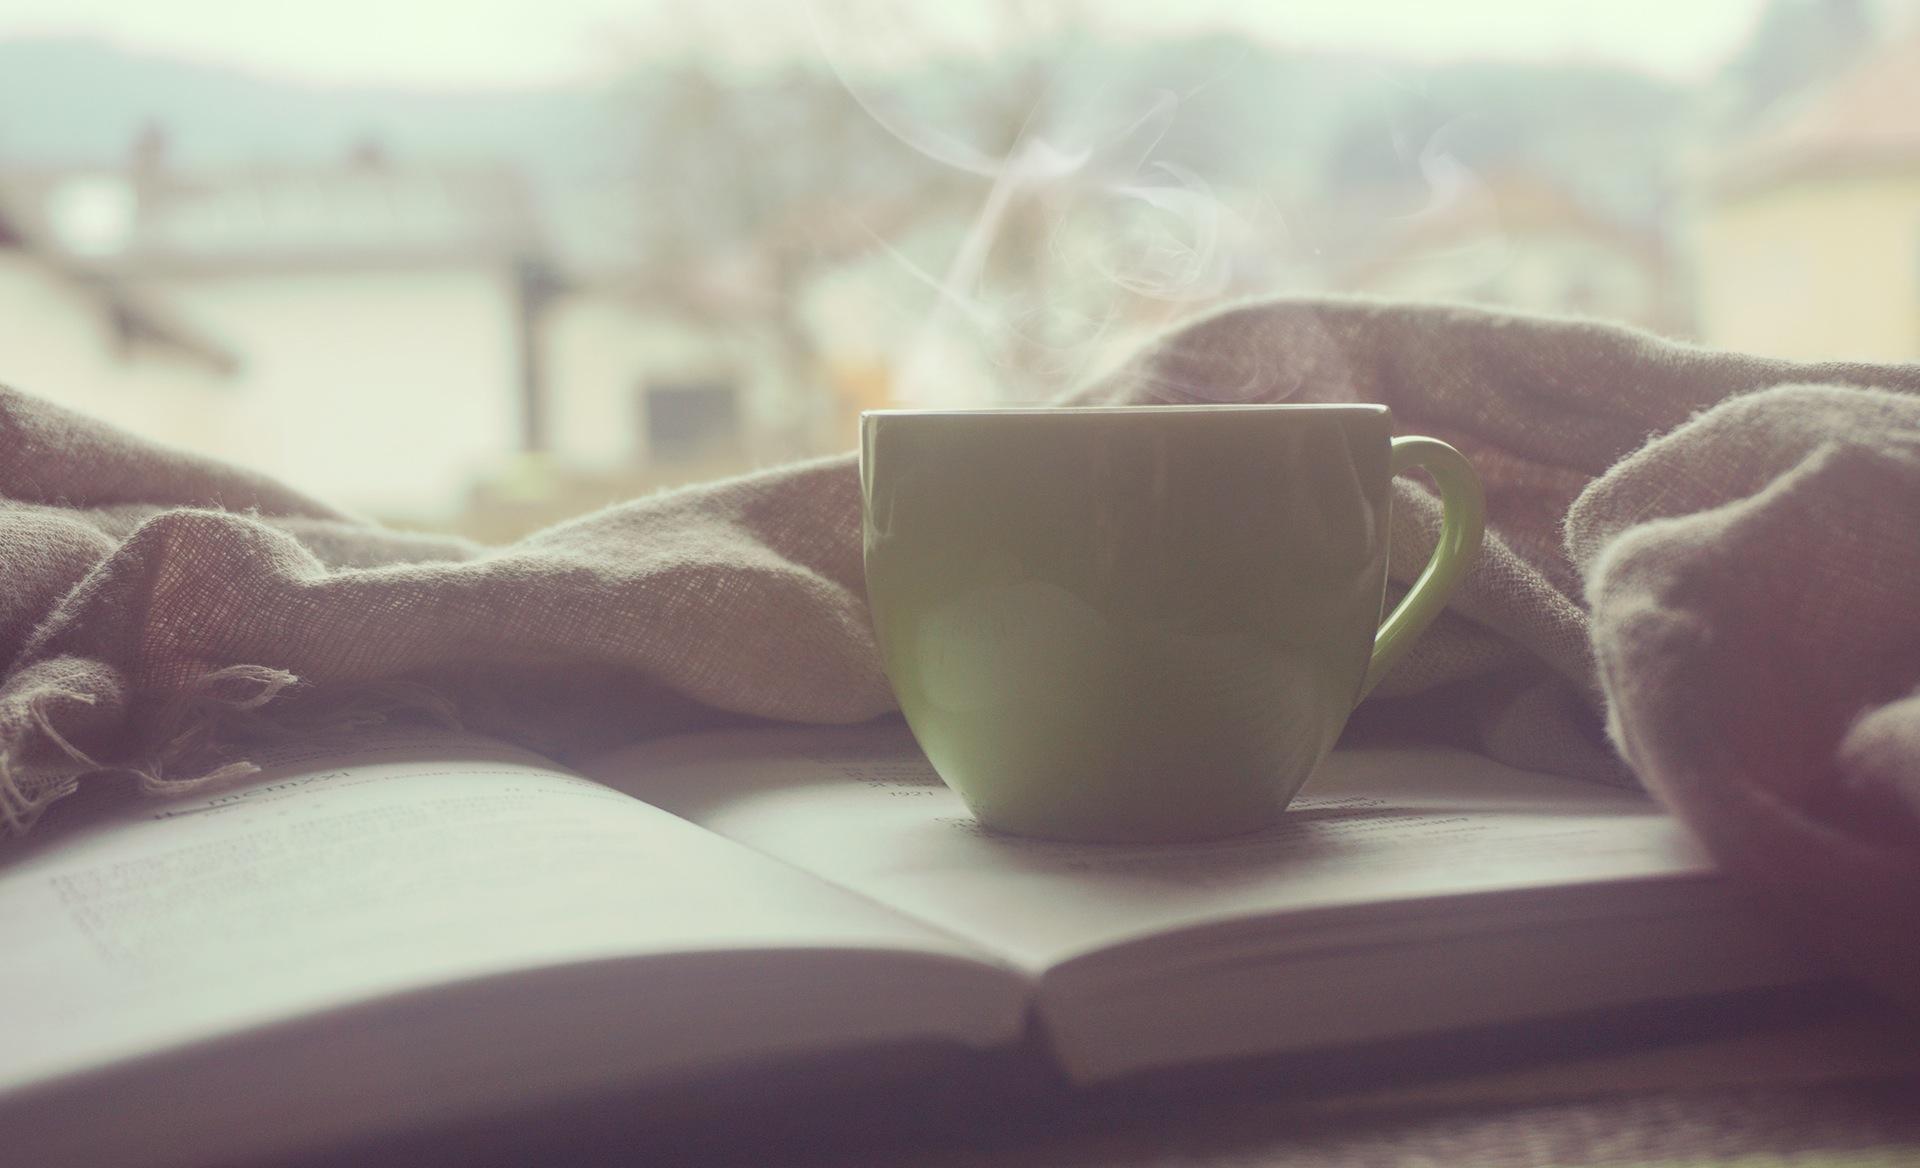 café, Coupe, Livre, lecture, Je suis étudiant, Tasse de café - Fonds d'écran HD - Professor-falken.com